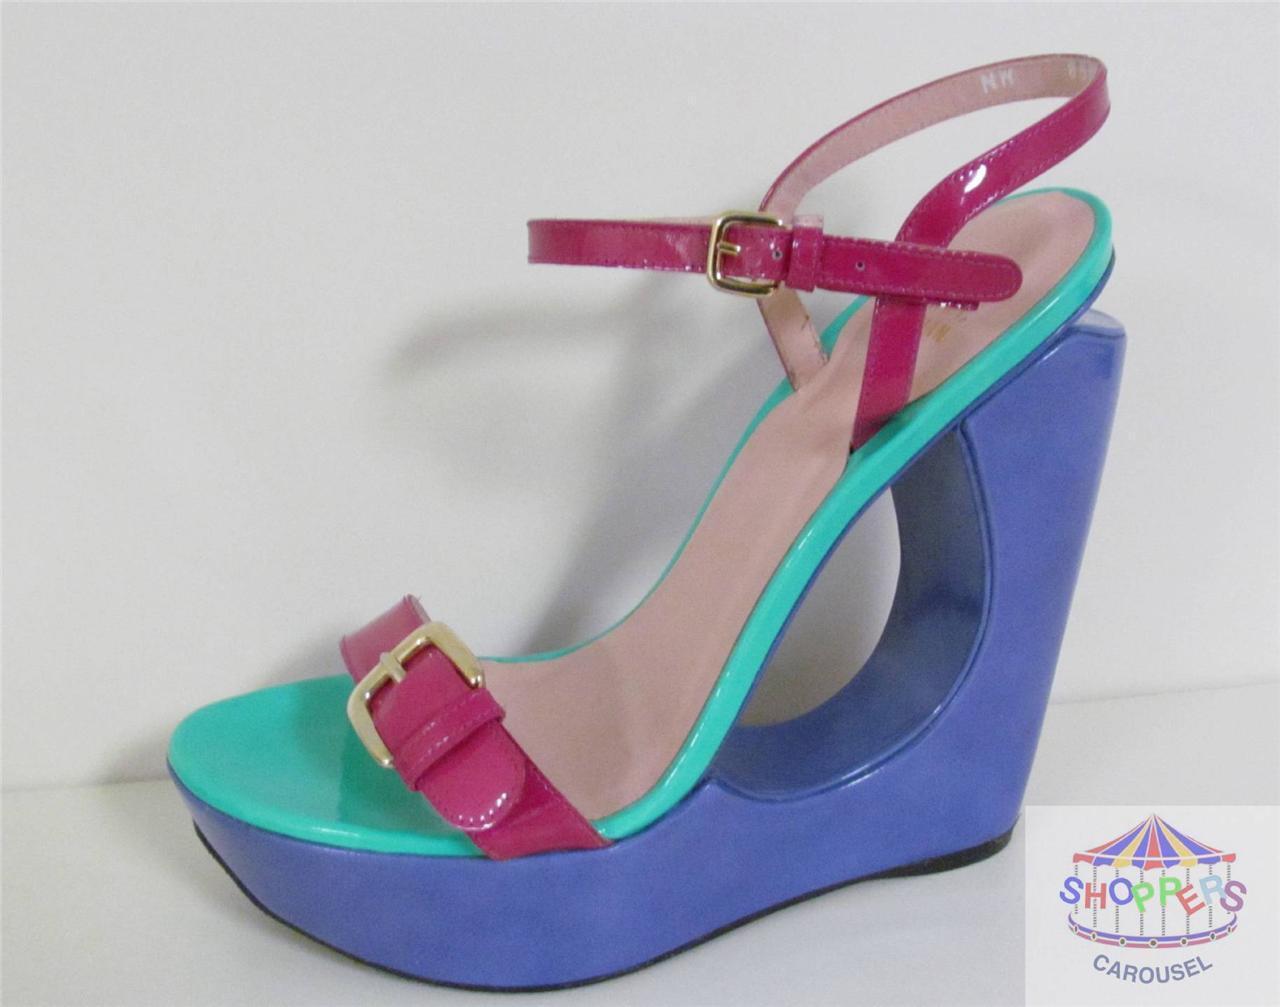 Stuart Weitzman Cortar Cuña Sandalias Zapatos Azul Cuero  Nuevo